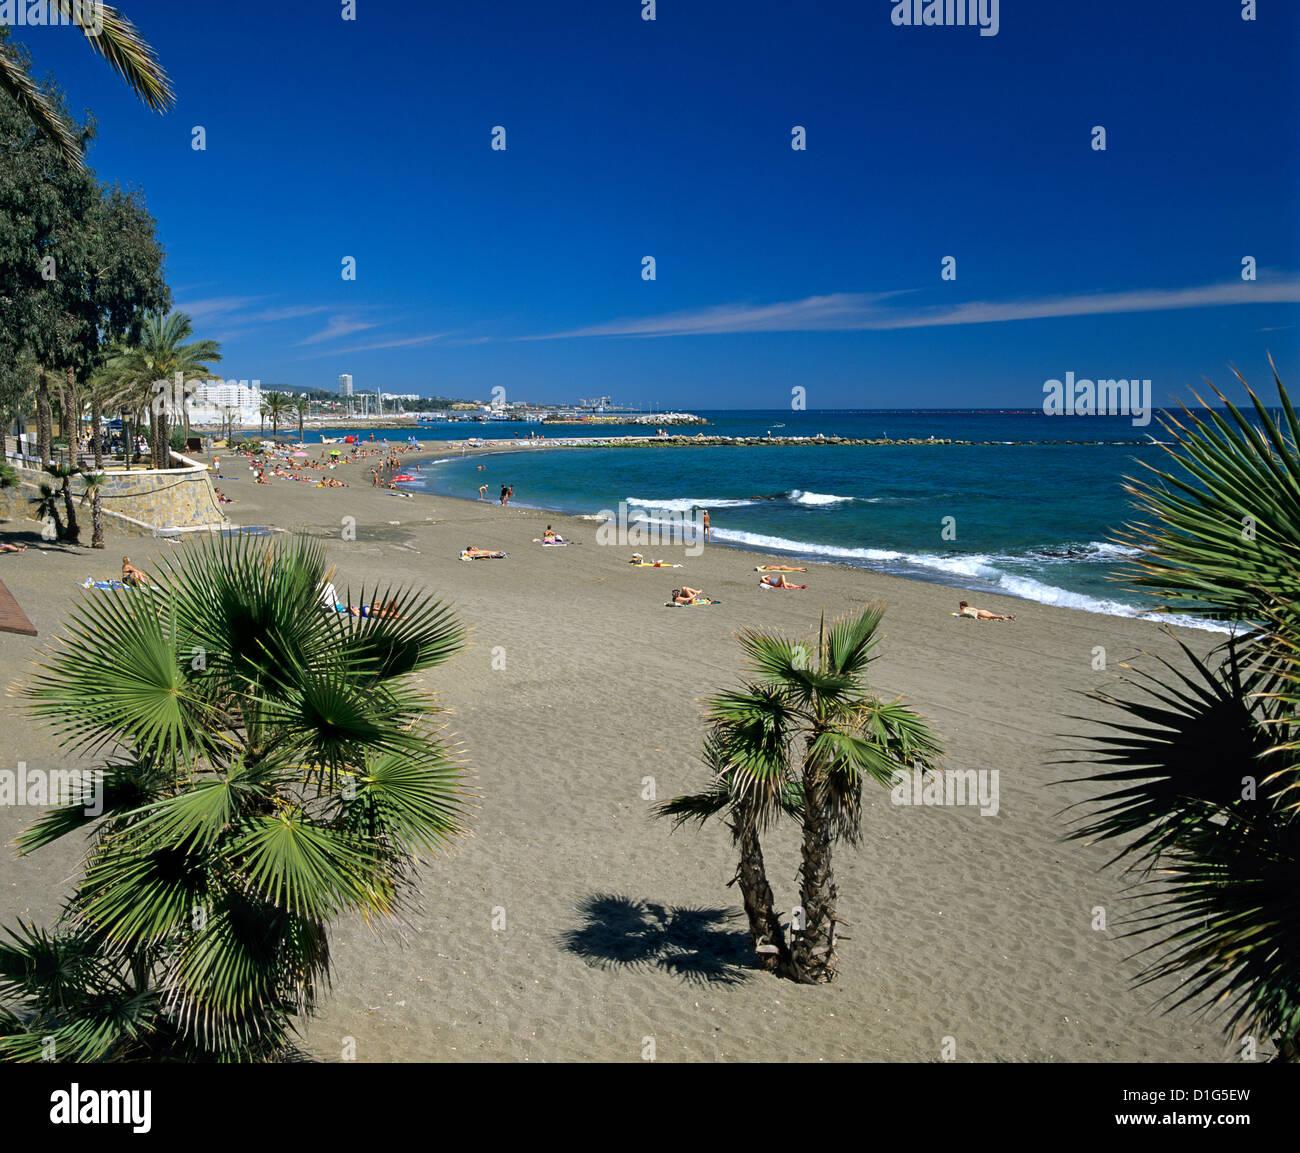 Afficher le long de la plage, Marbella, Costa del Sol, Andalousie, Espagne, Méditerranée, Europe Photo Stock